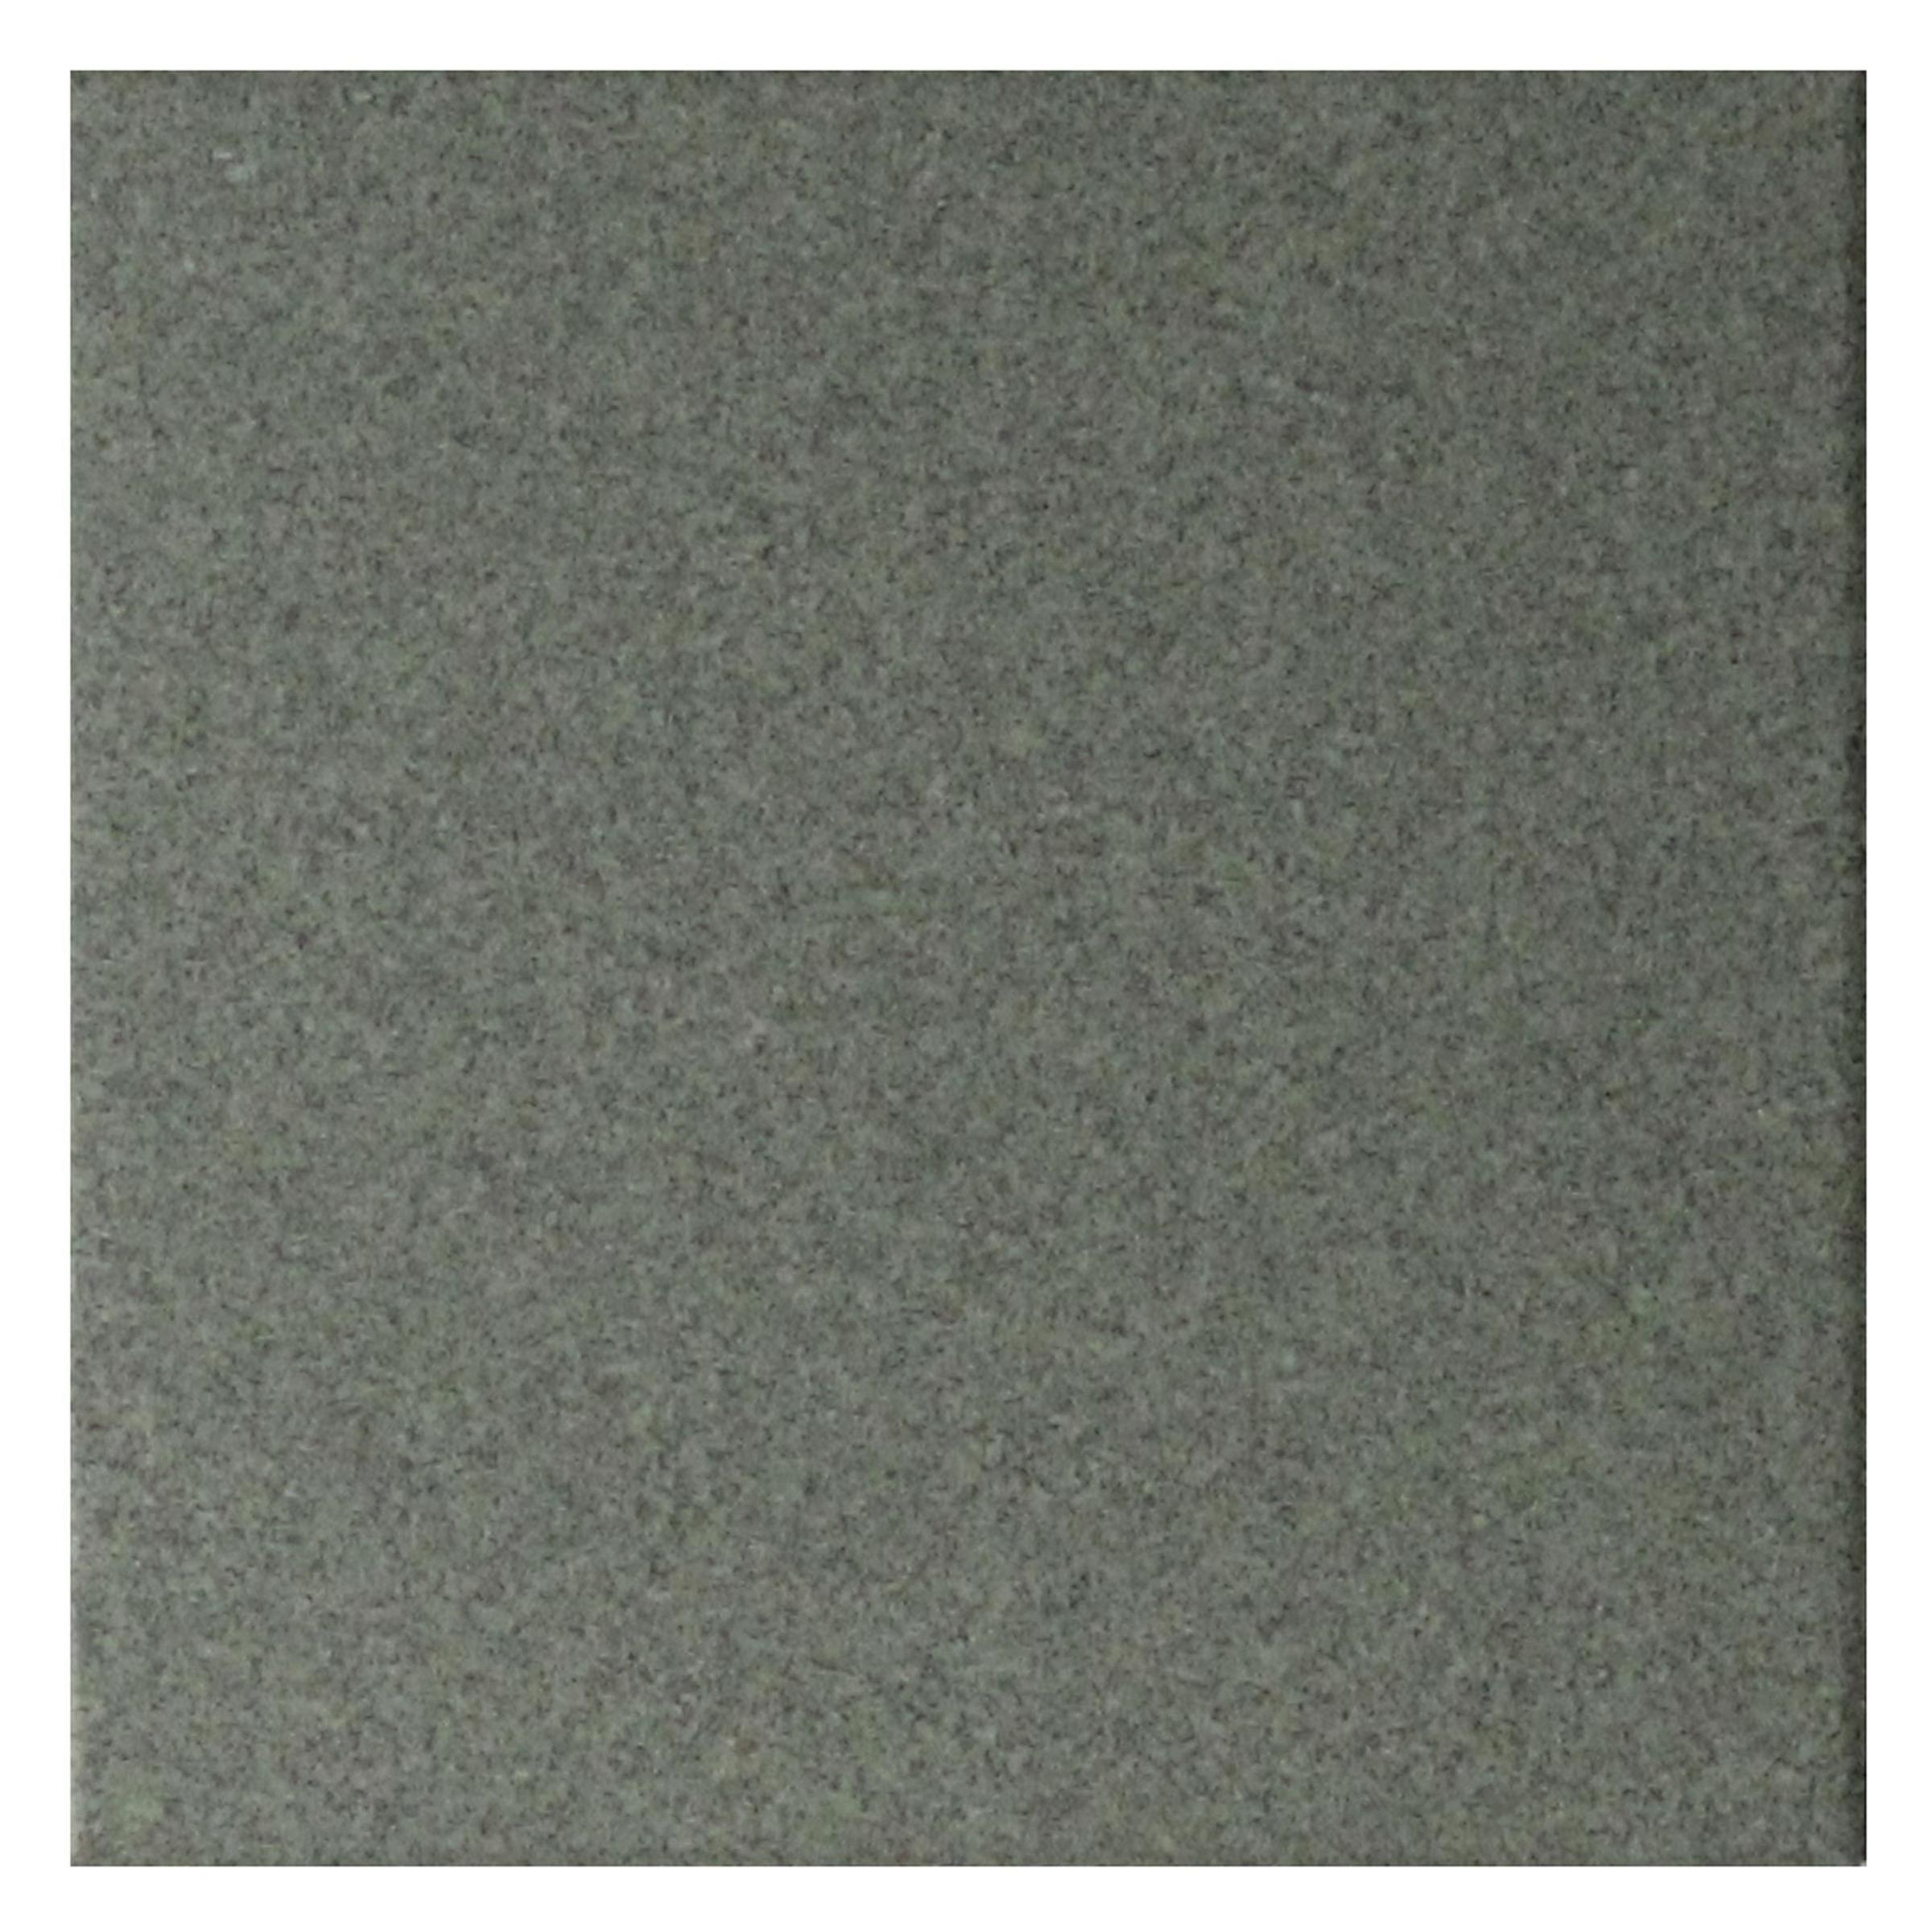 Vloertegel Aveiro Granite Groen 10x10 cm 1,0 m²